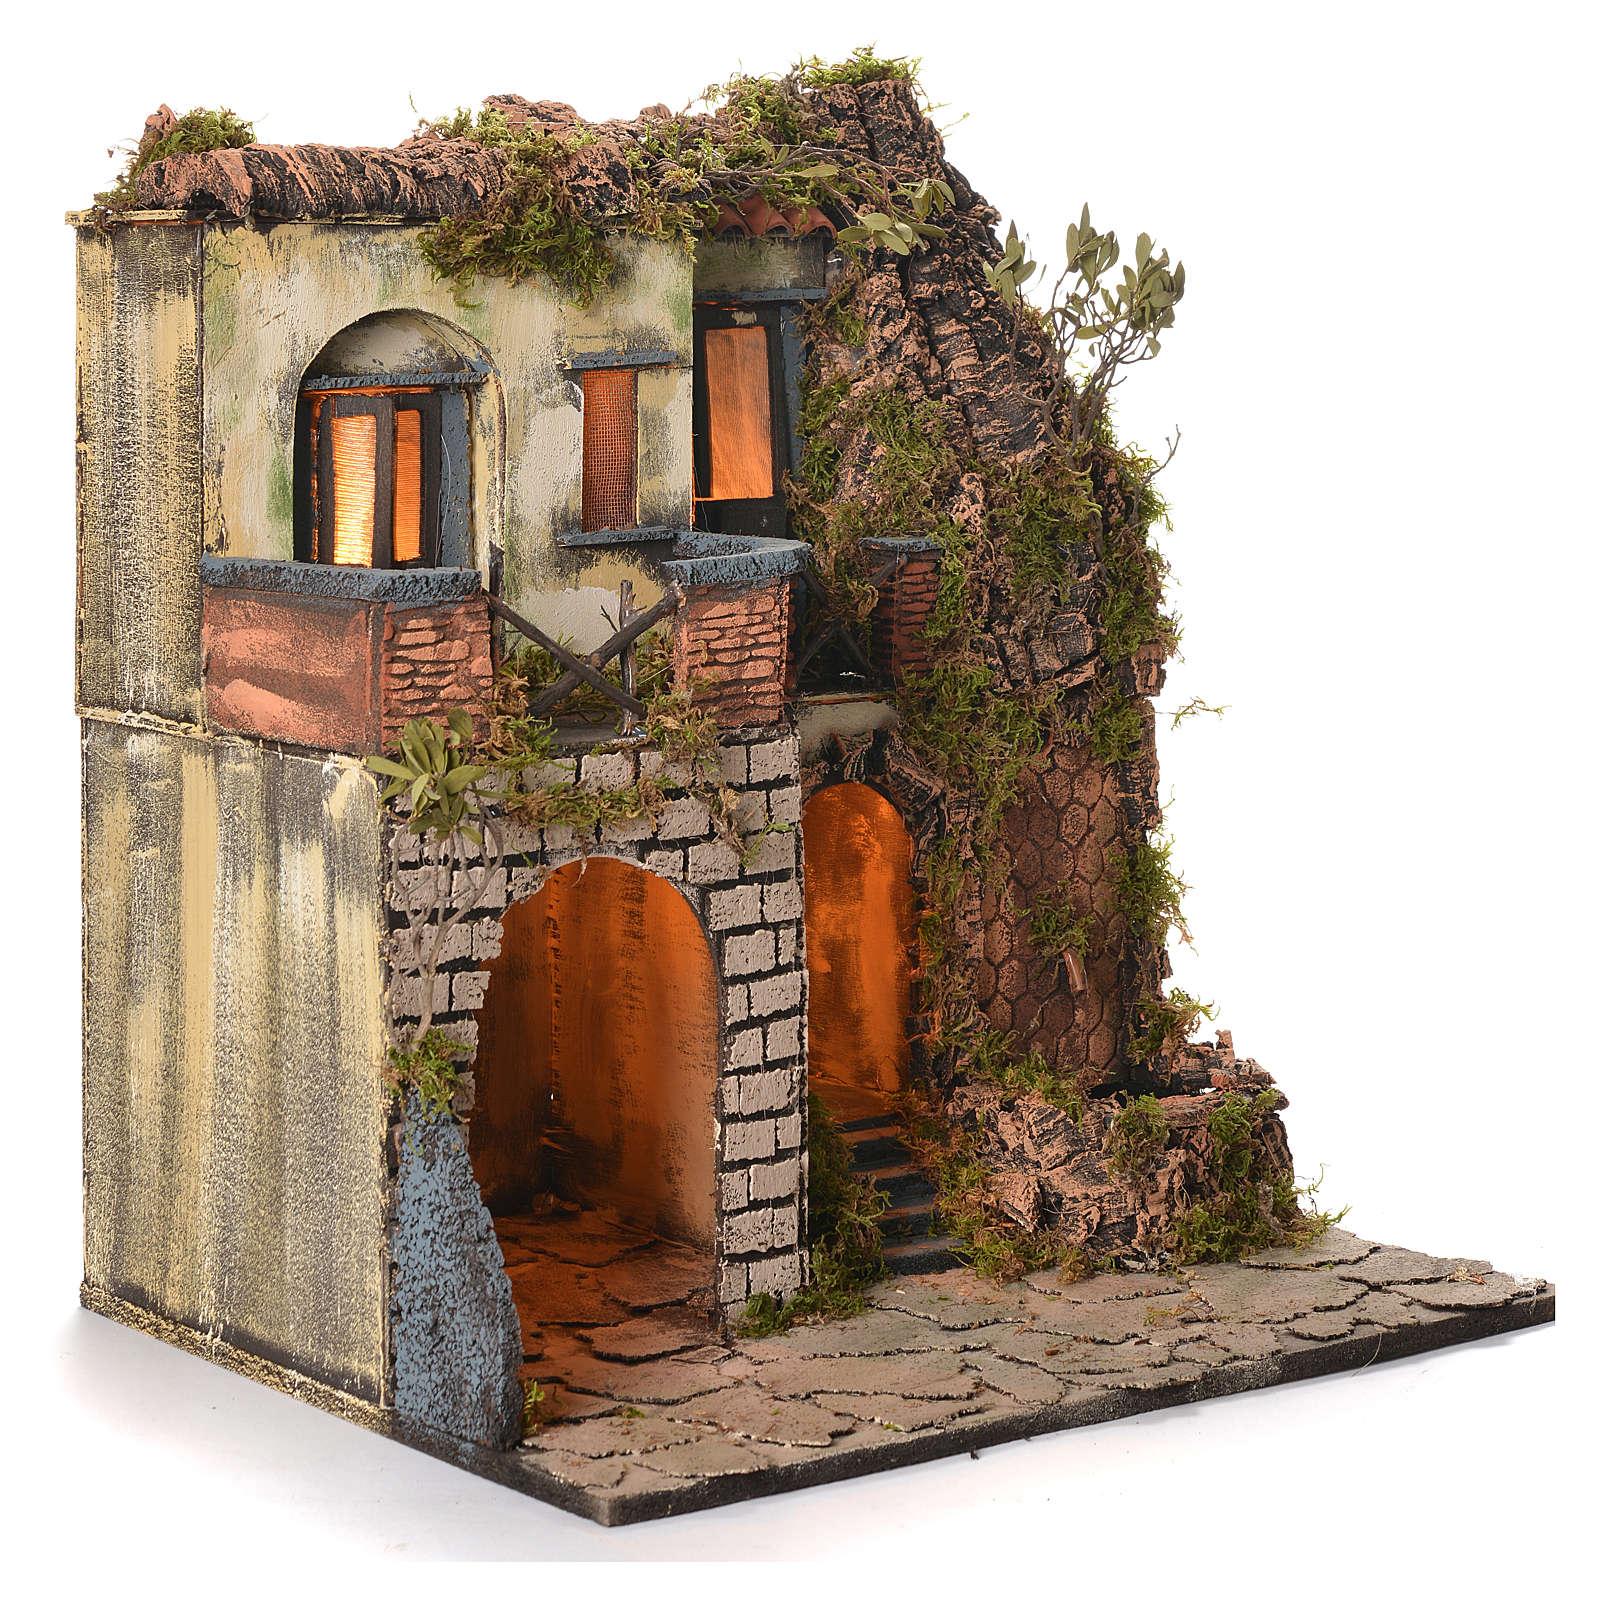 Borgo presepe napoletano stile 700 laterale con fontana cm 50x40x50 4